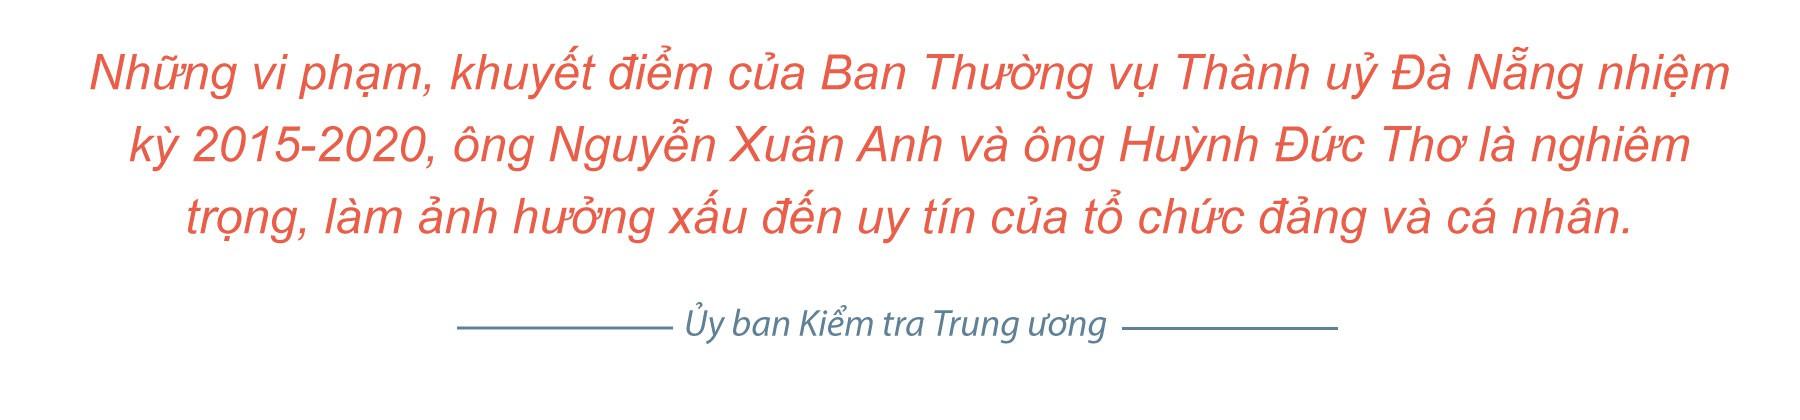 (eMagazine) - Đà Nẵng một năm đầy biến cố - Ảnh 9.